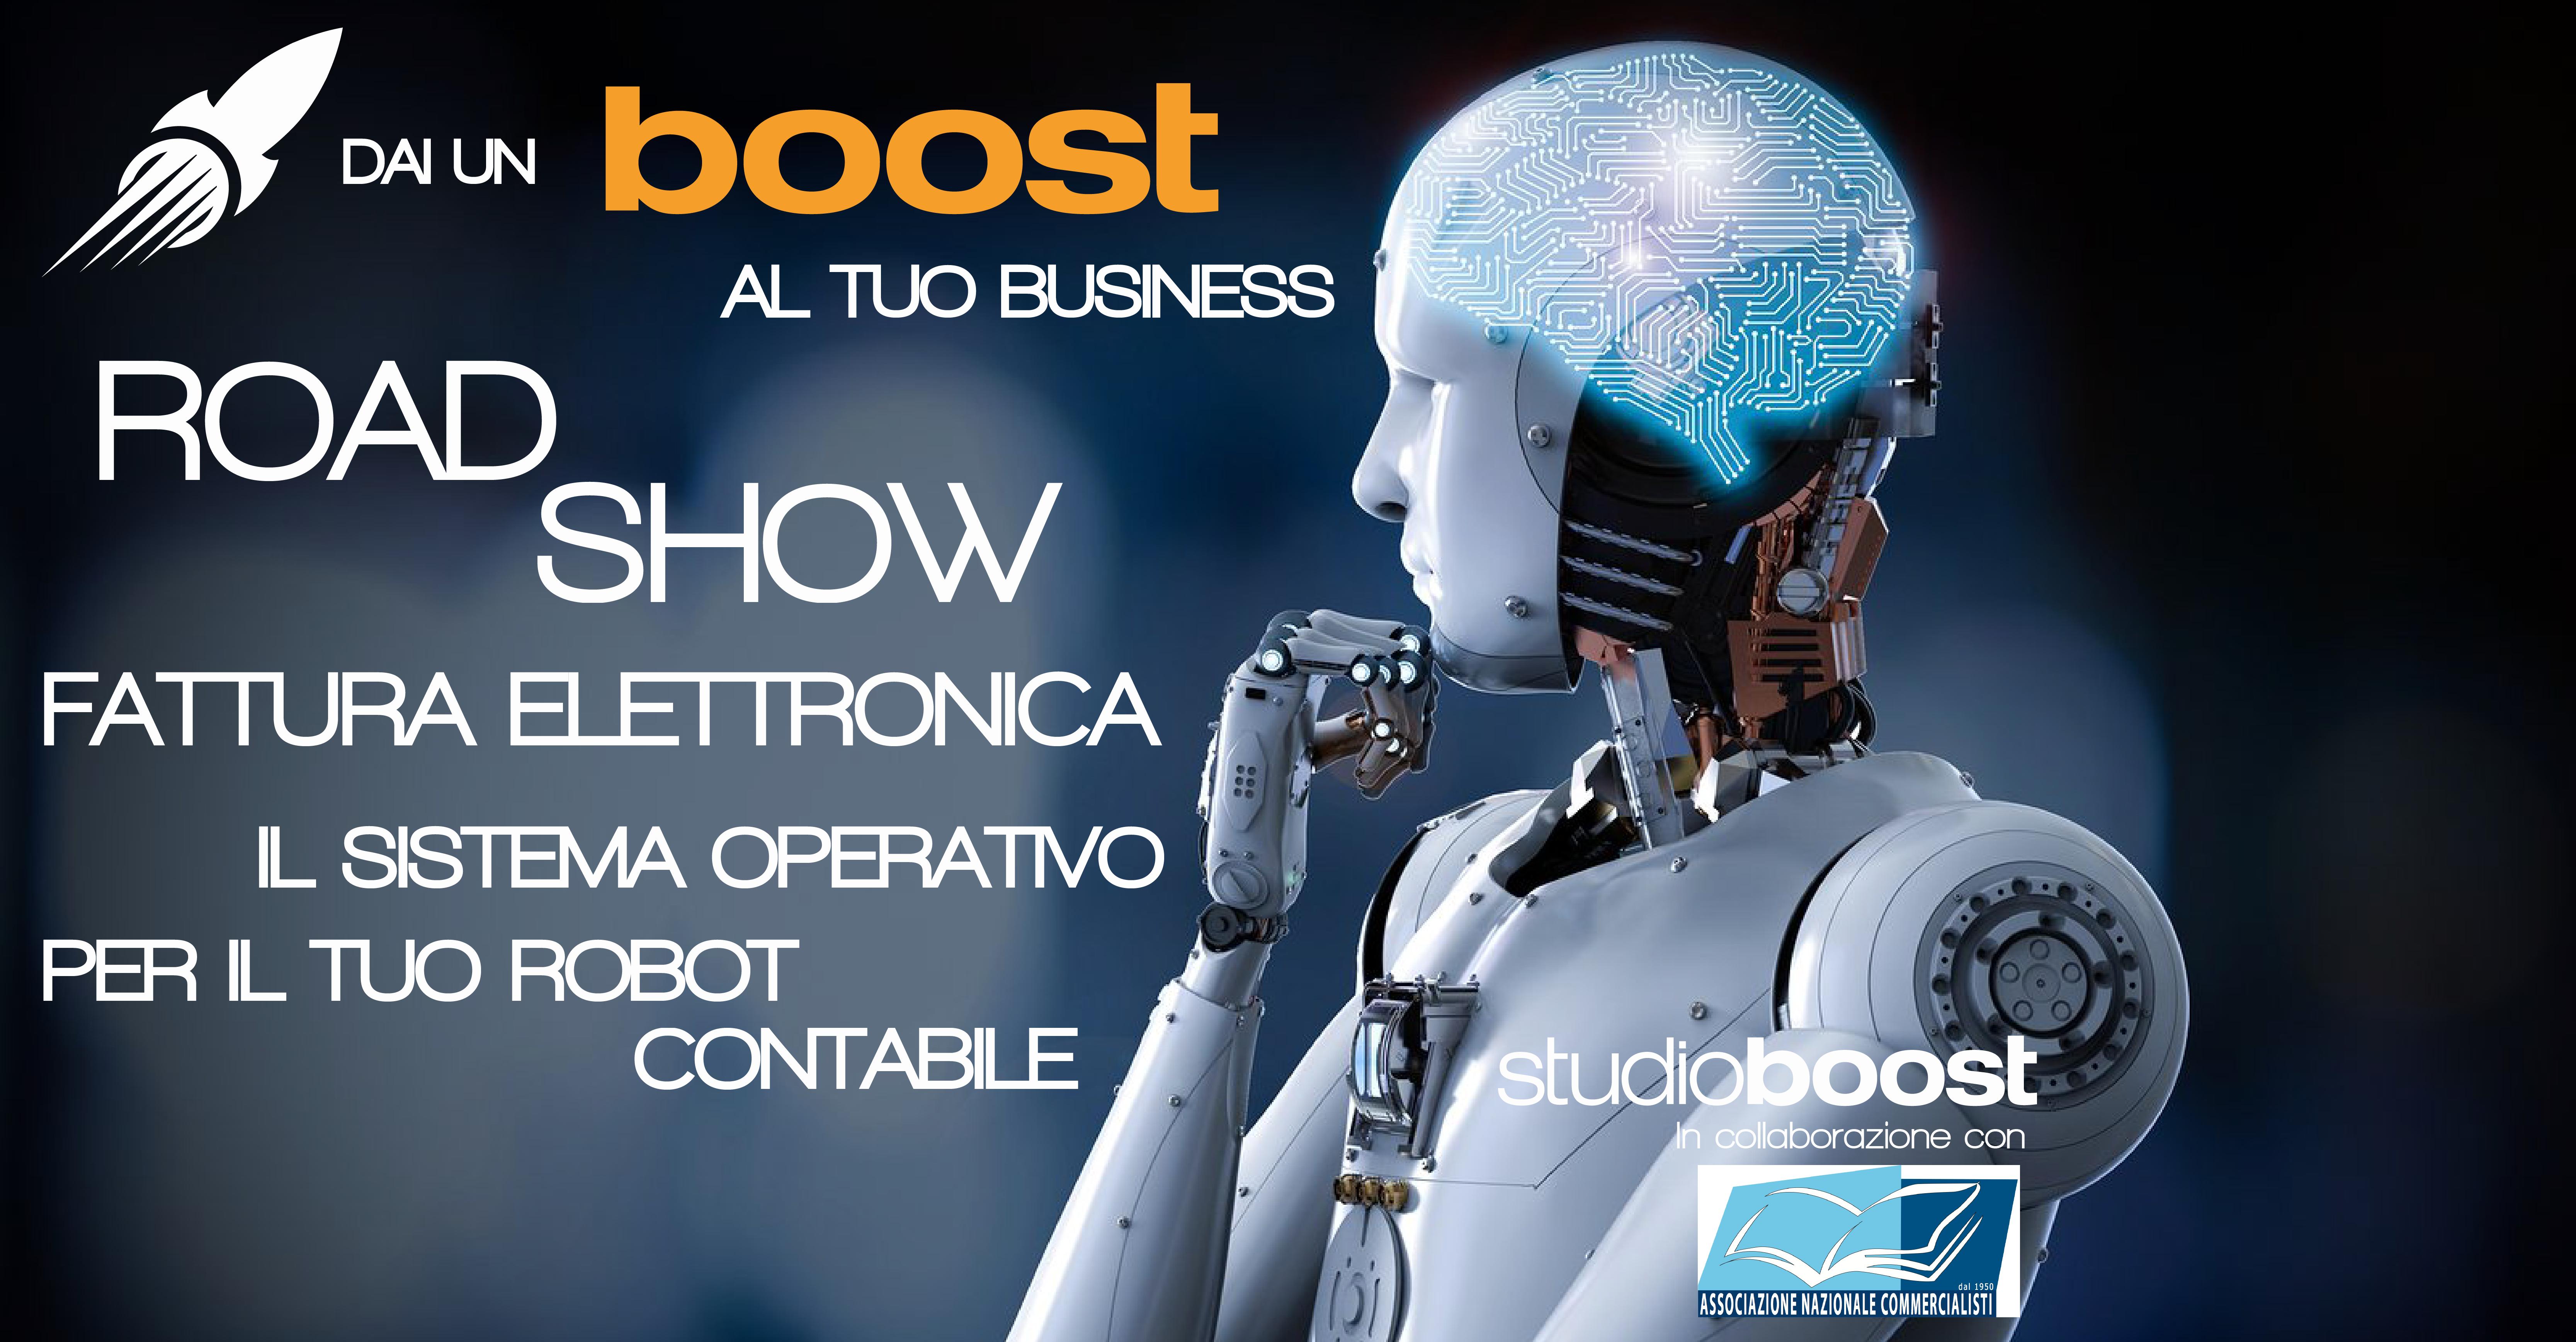 road_show_fattura_elettronica_anc